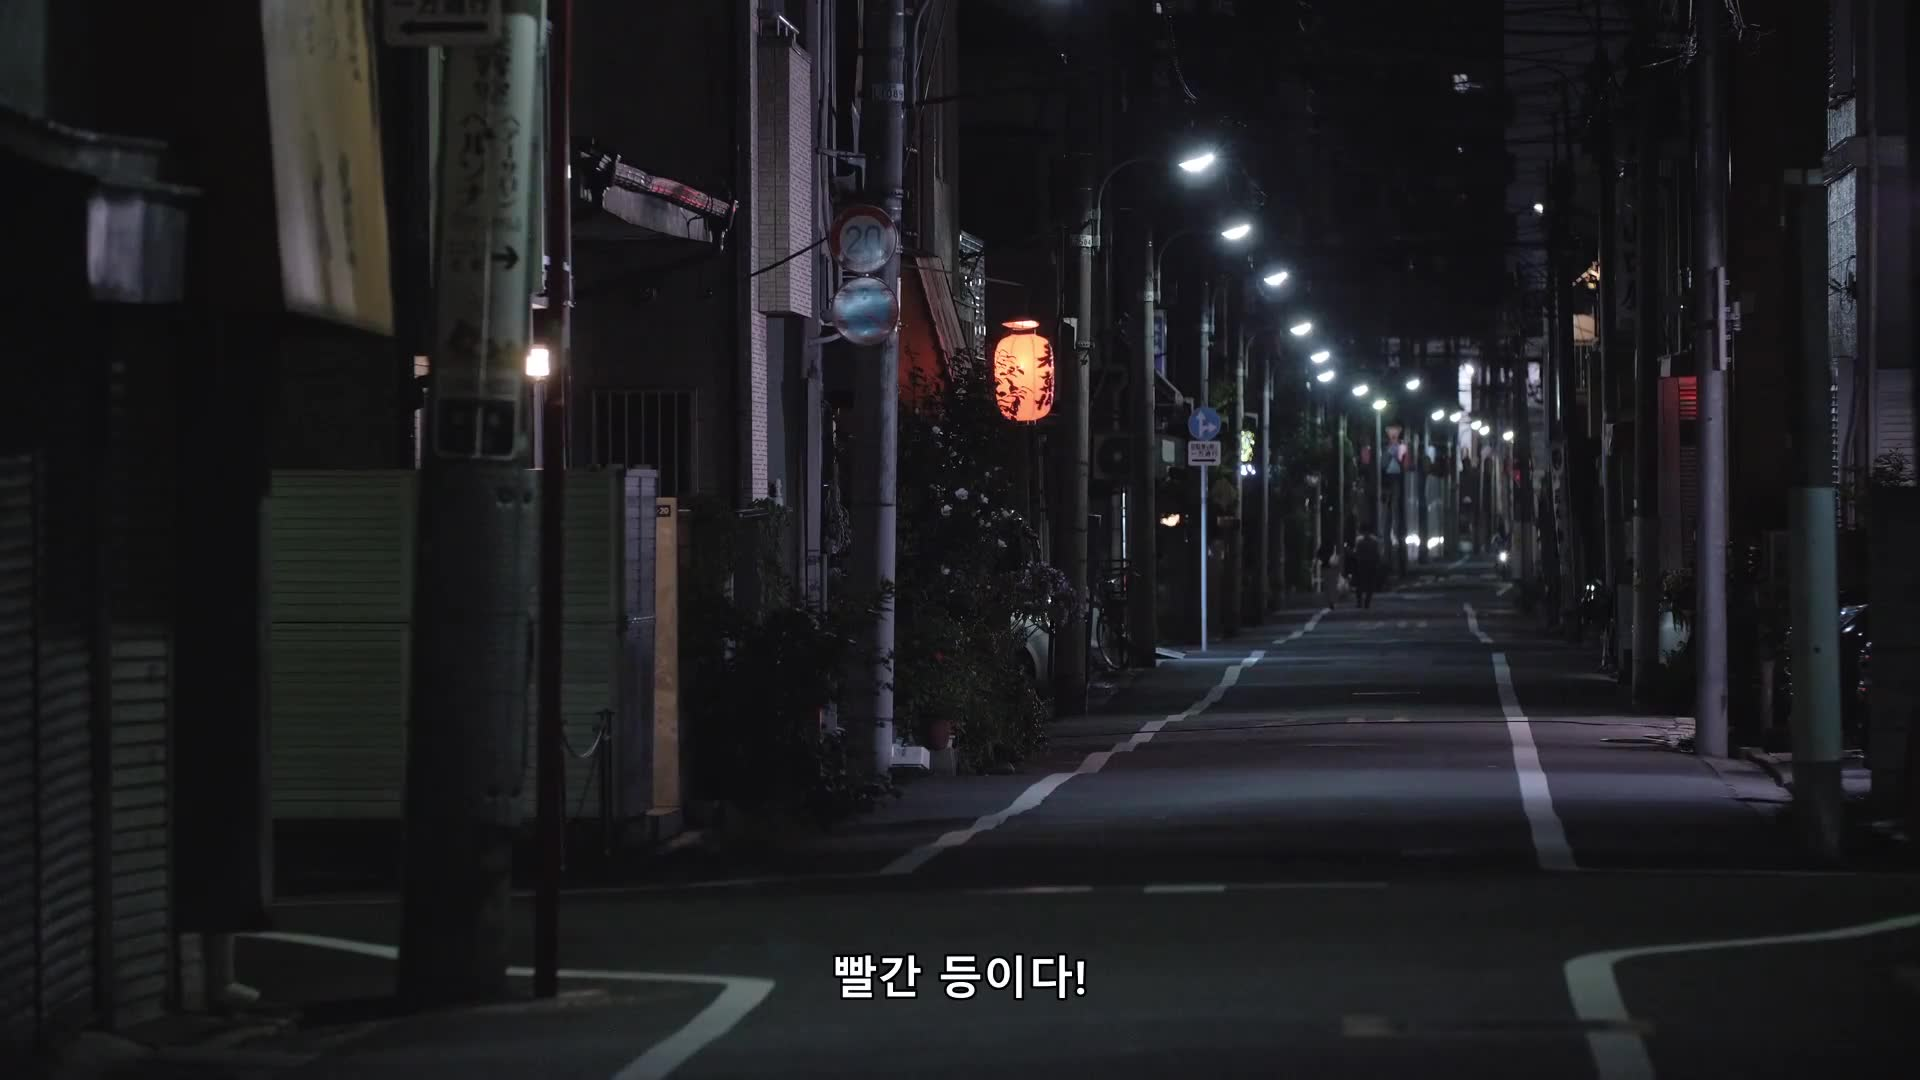 일곱 번째 코노지 - 히가시쥬죠 <요리미치>